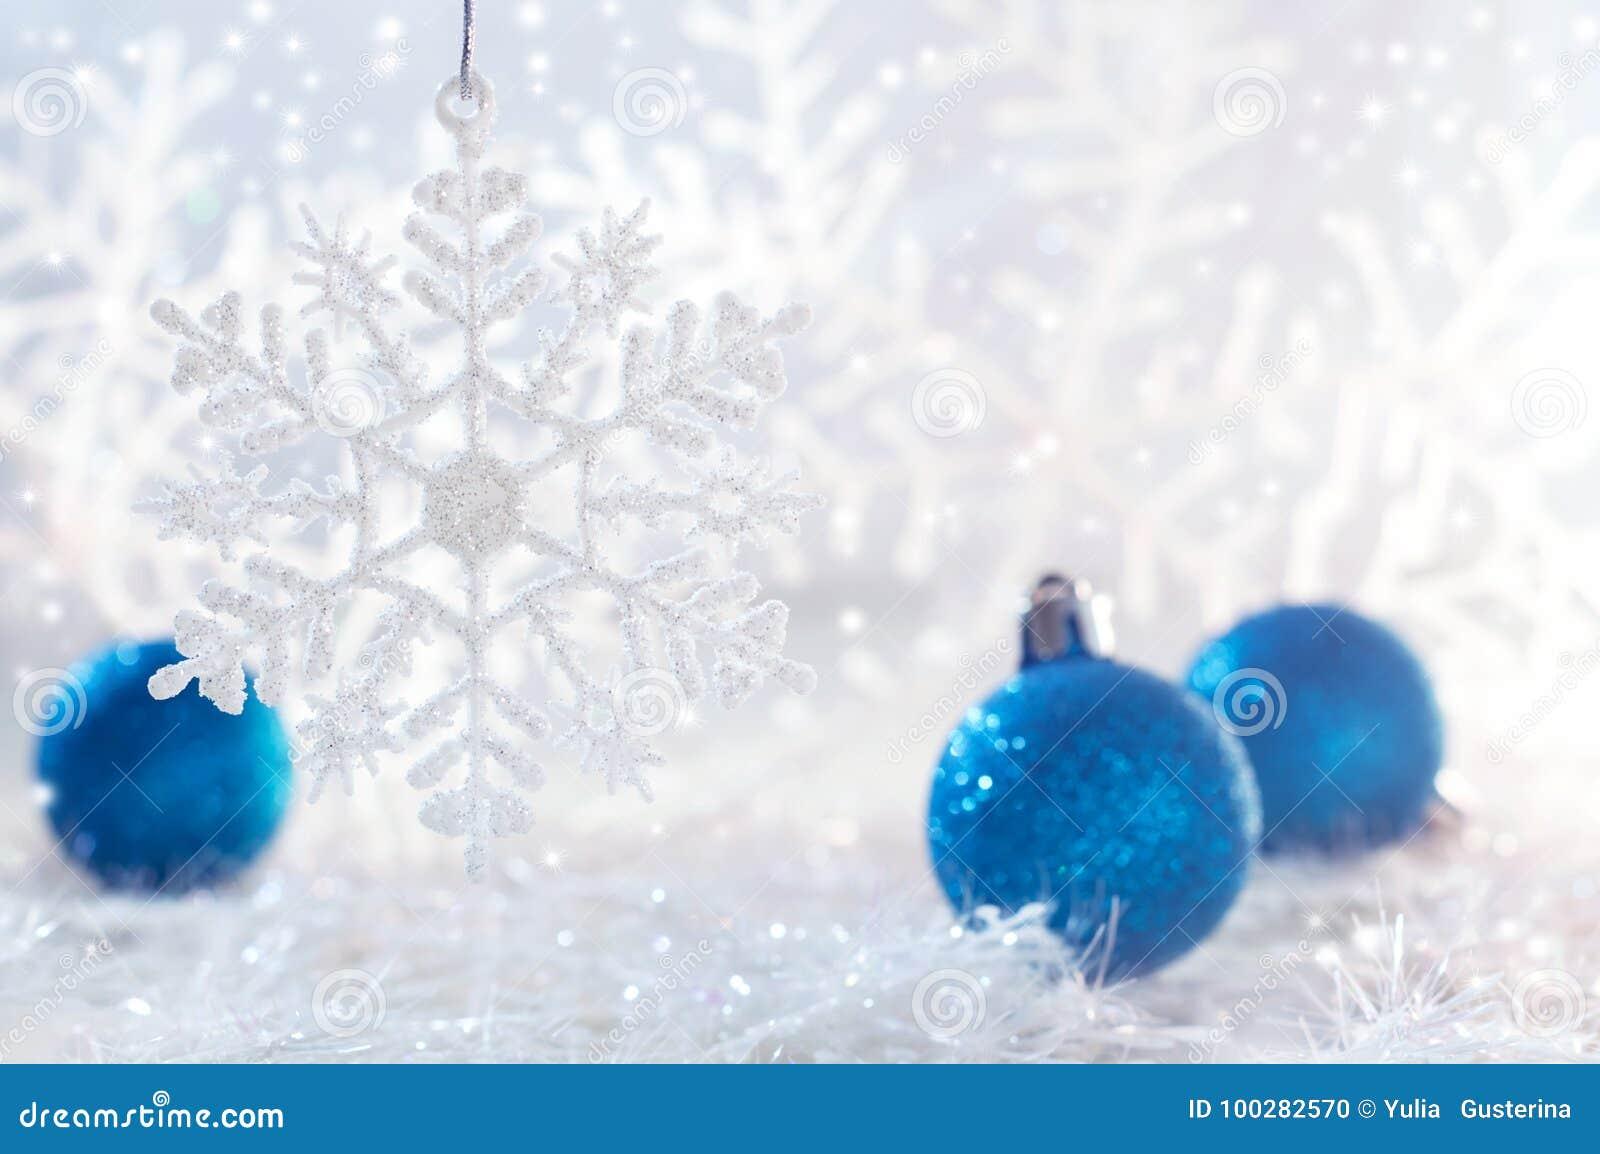 Bolas Azules De La Navidad En El Fondo Blanco Con Los Copos De Nieve